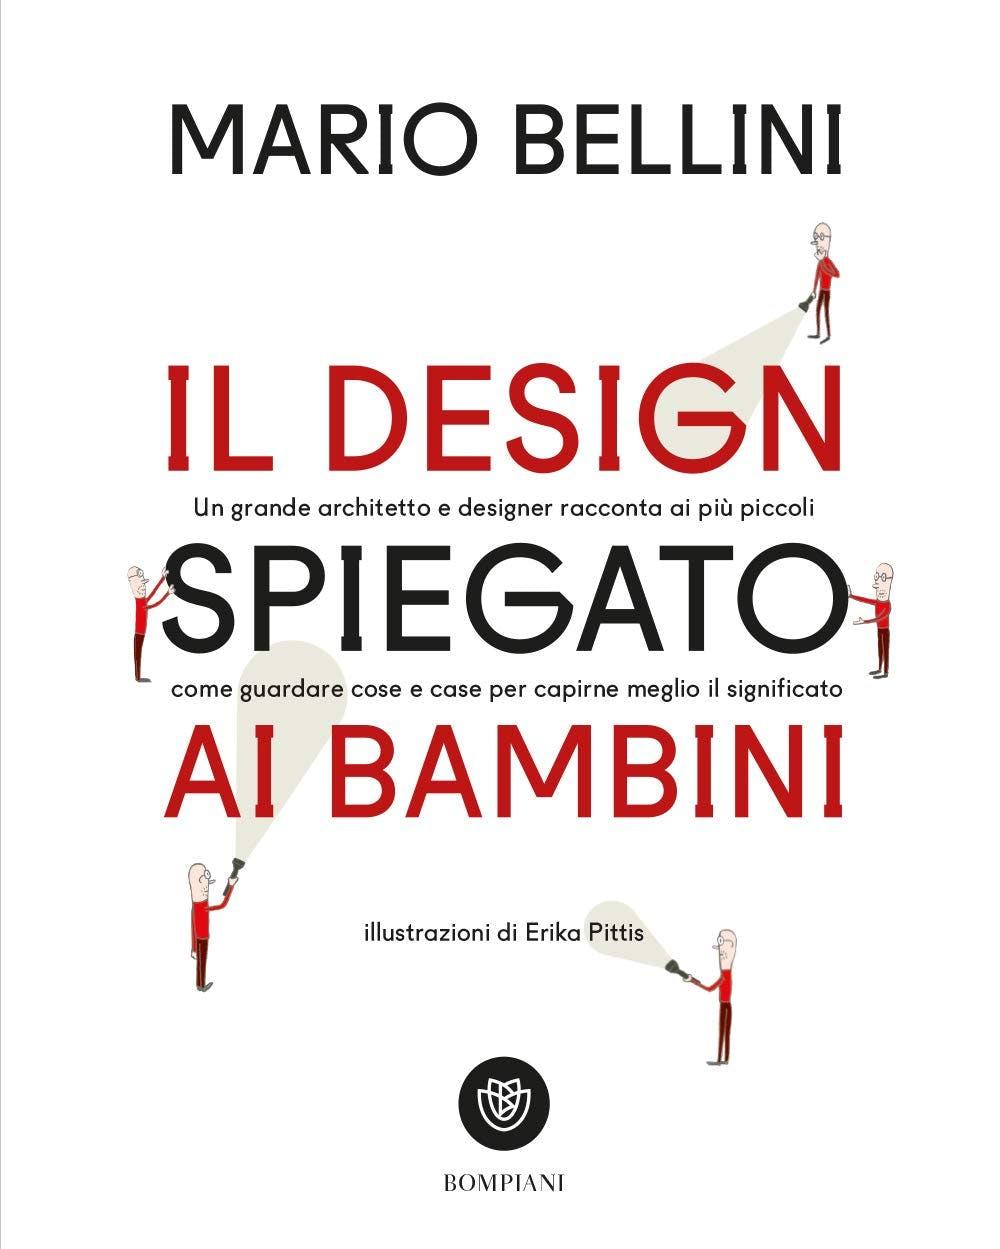 Mario Bellini, Il design spiegato ai bambini, illustrazioni Erika Pittis, Bompiani, 2018